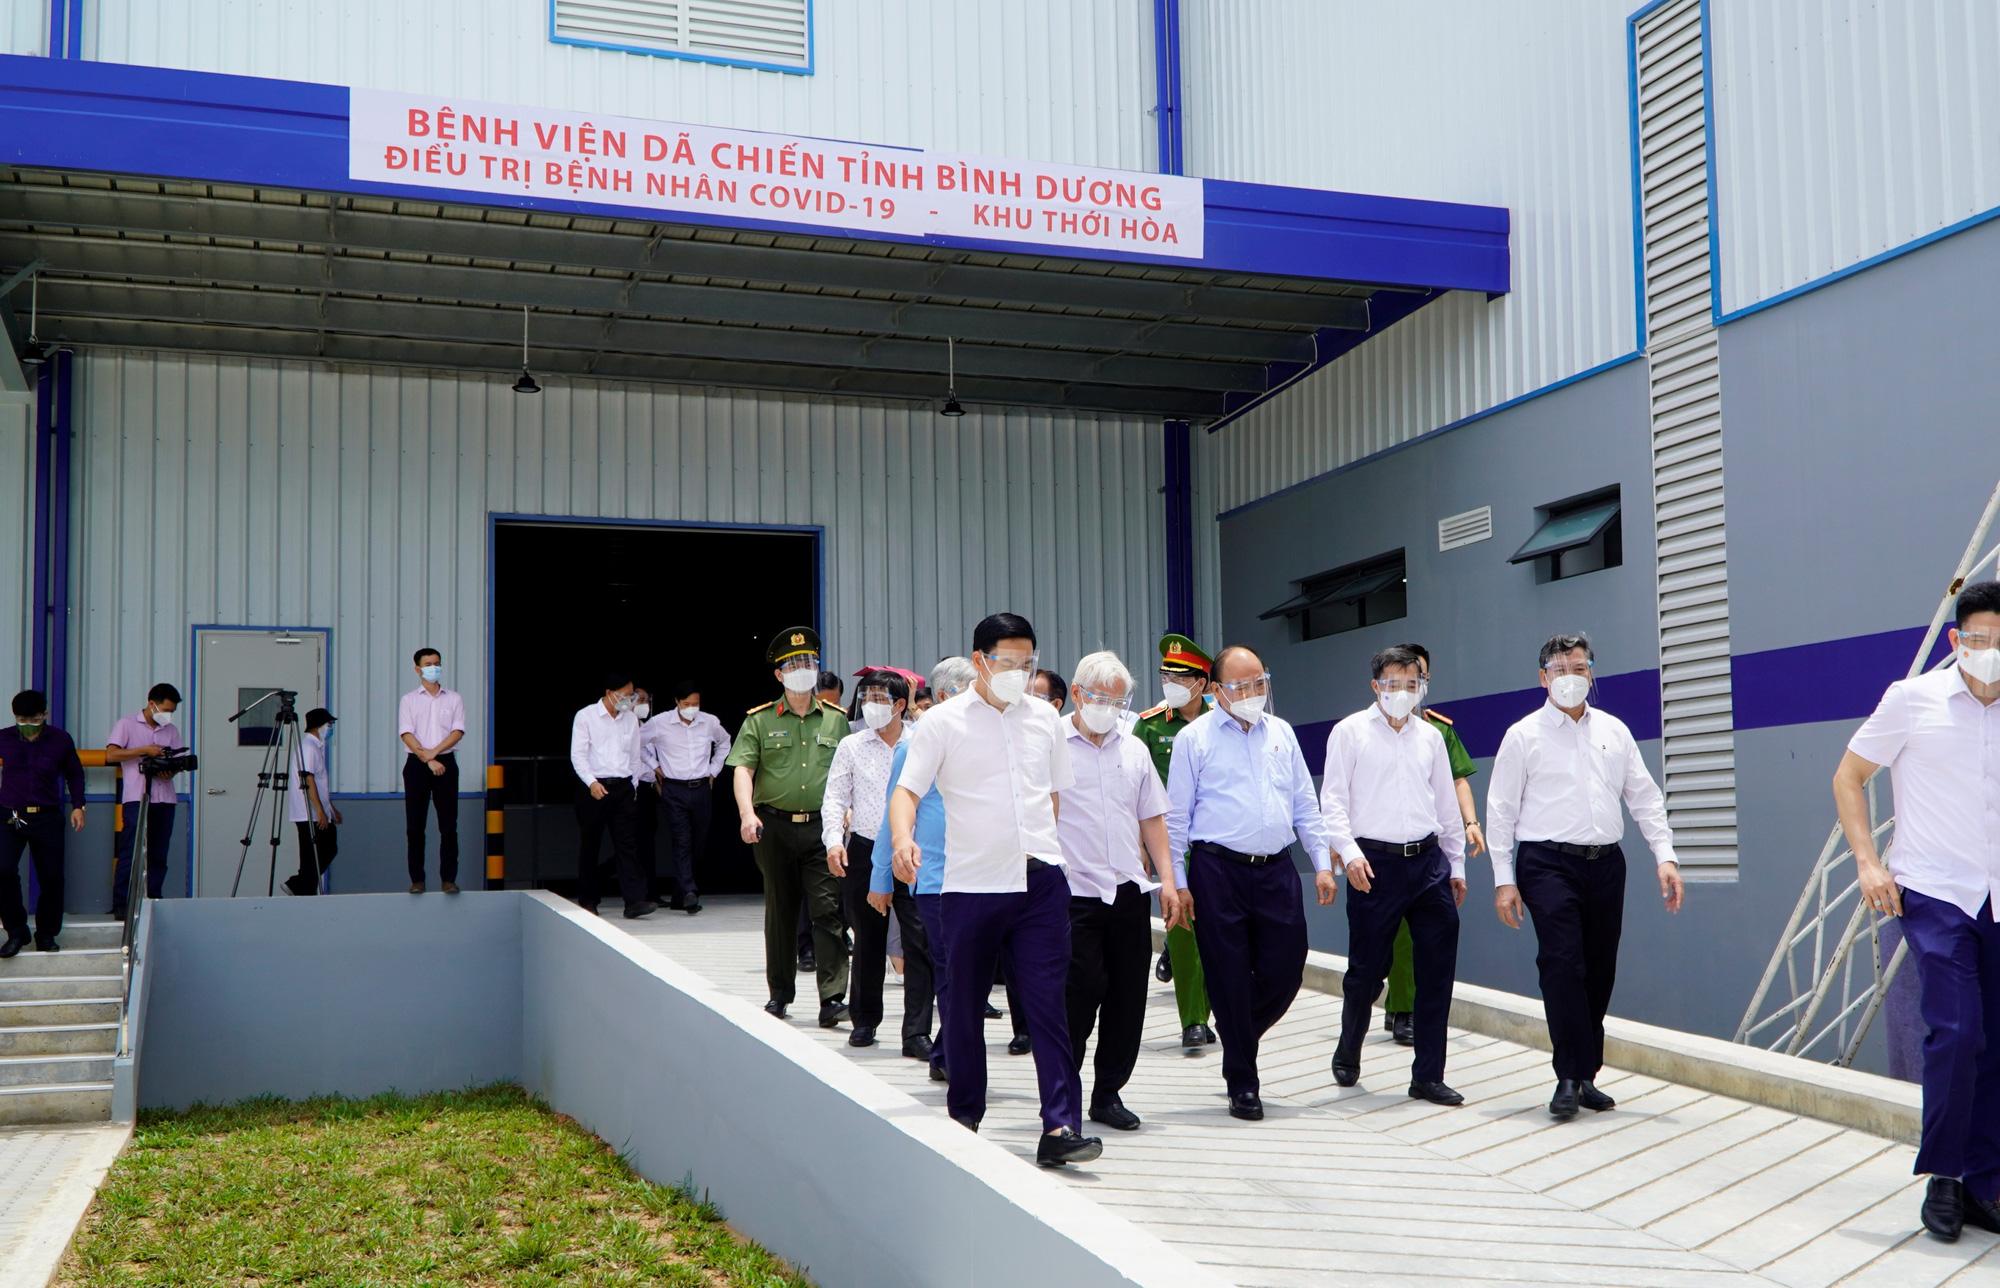 Chủ tịch nước Nguyễn Xuân Phúc: Bình Dương không được để người dân thiếu đói - Ảnh 1.